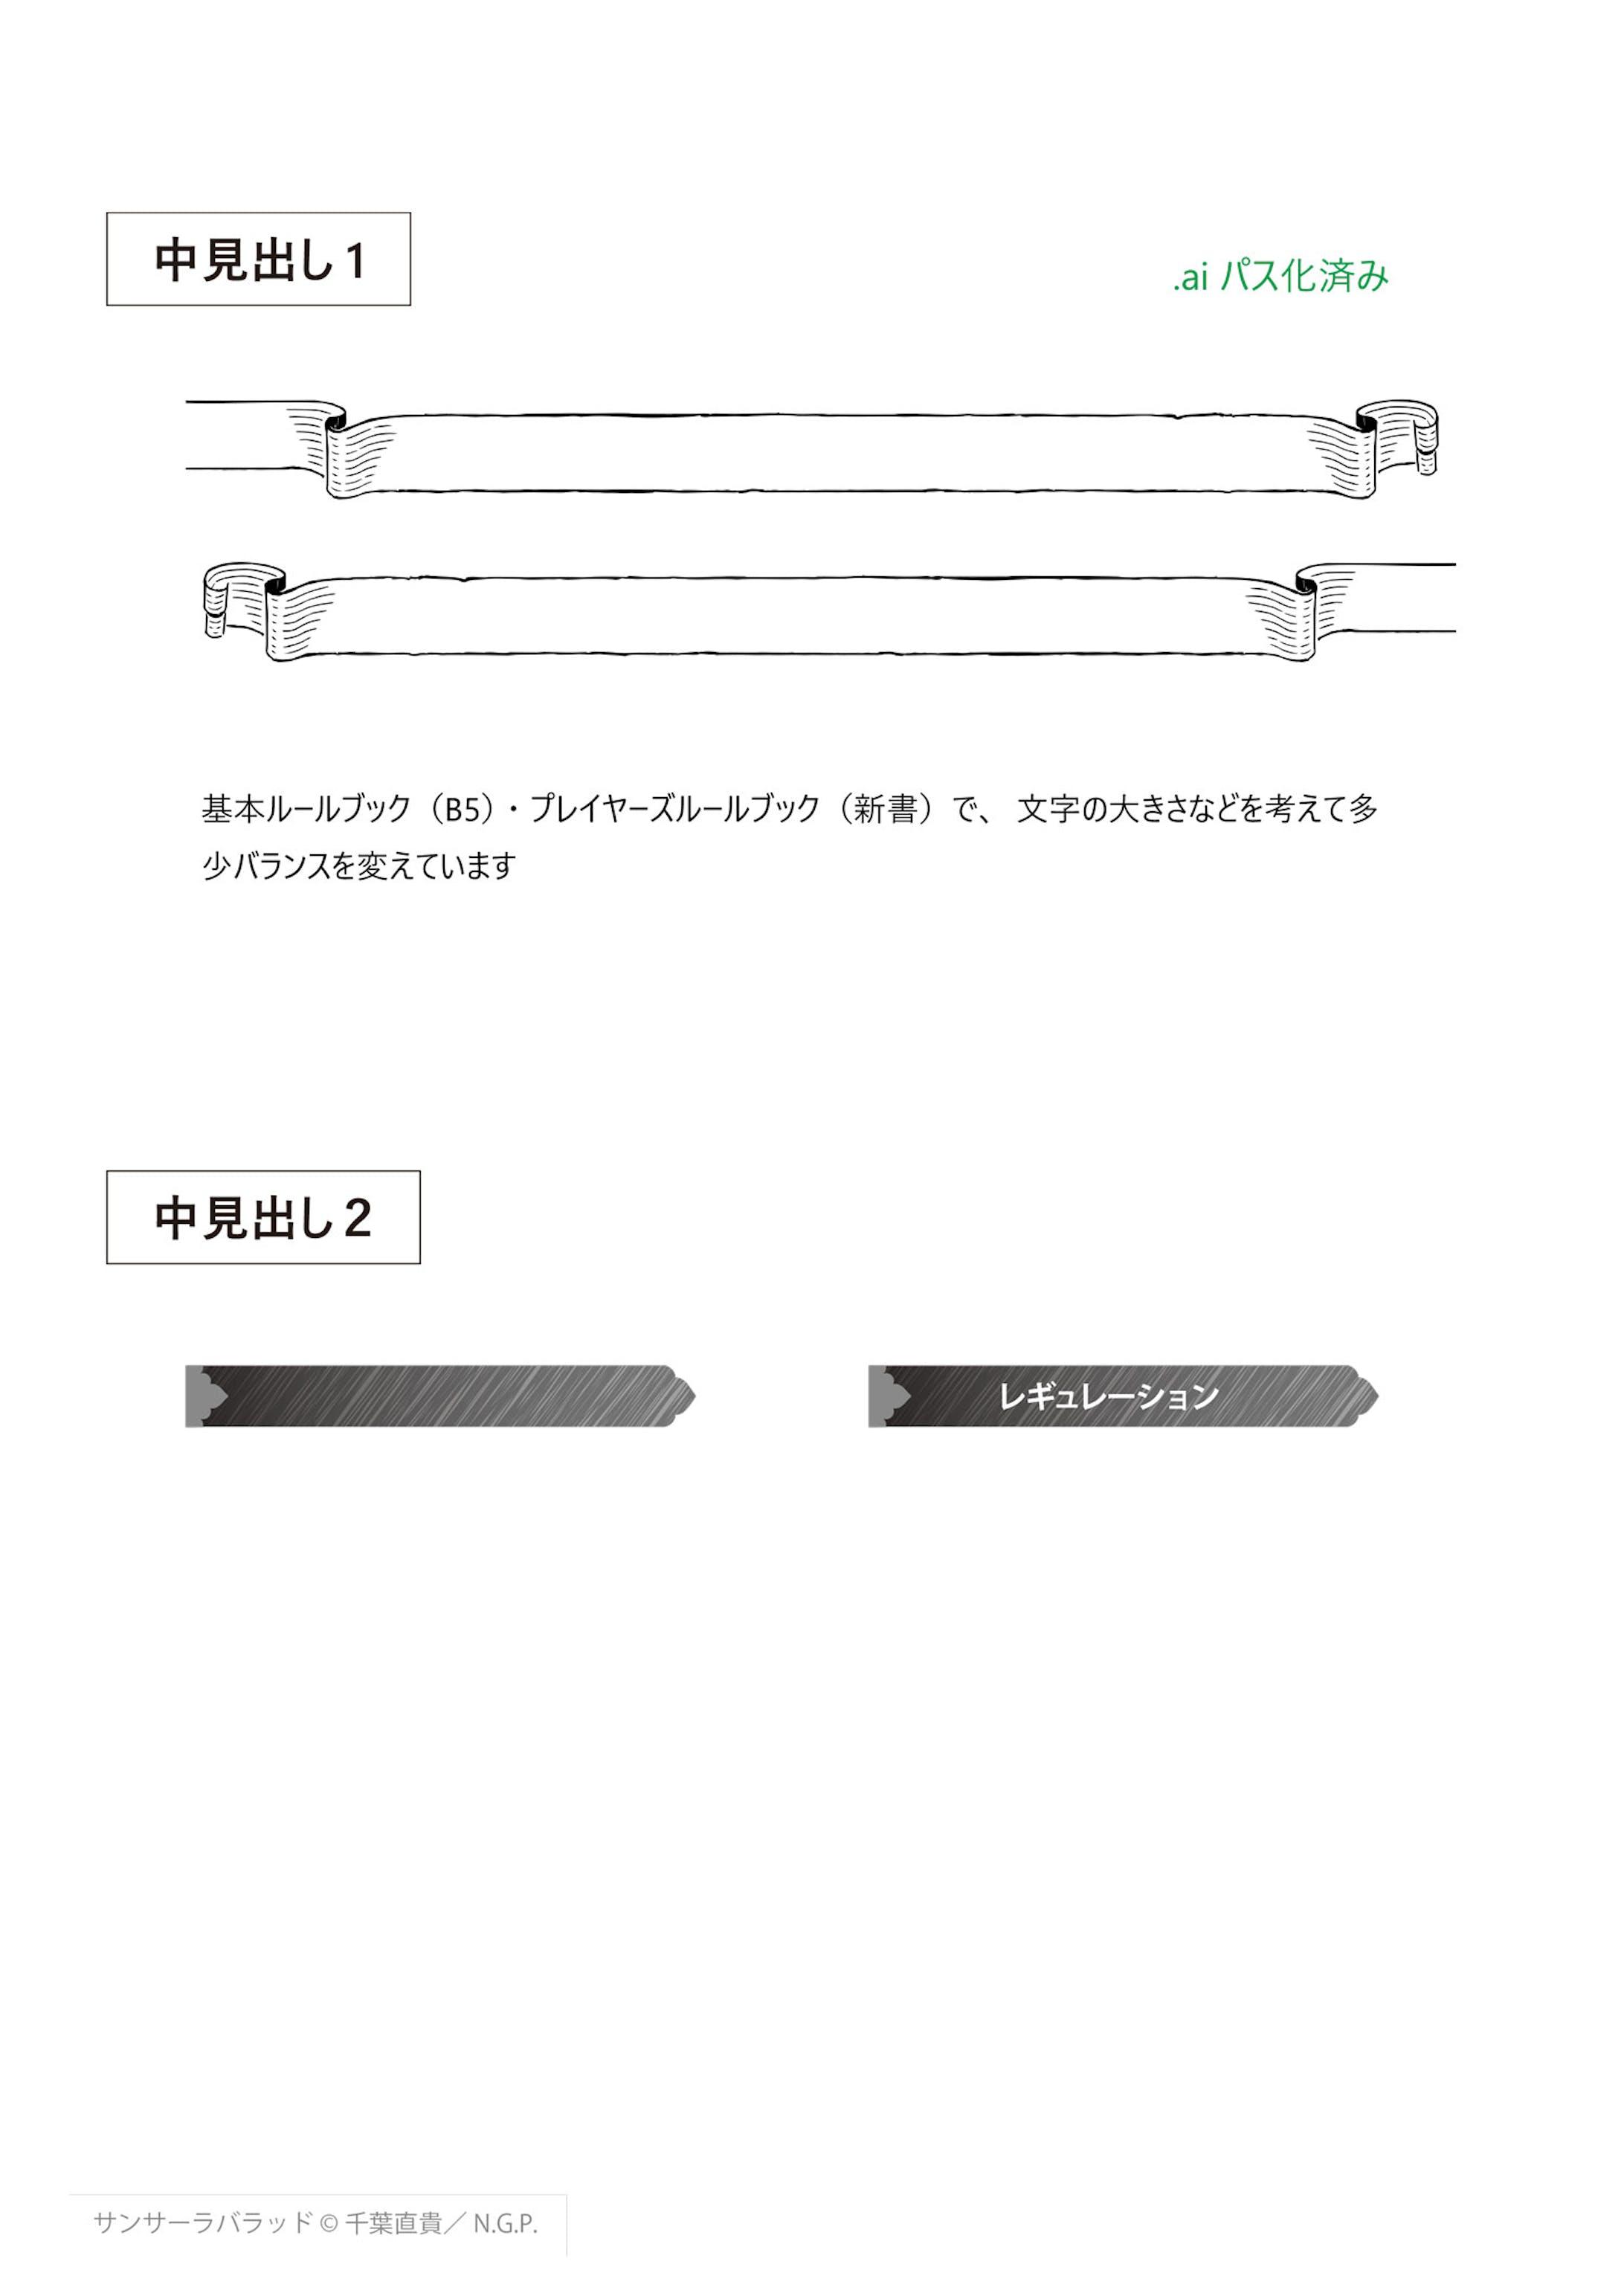 異世界転生RPG サンサーラ・バラッド - 誌面デザイン-8